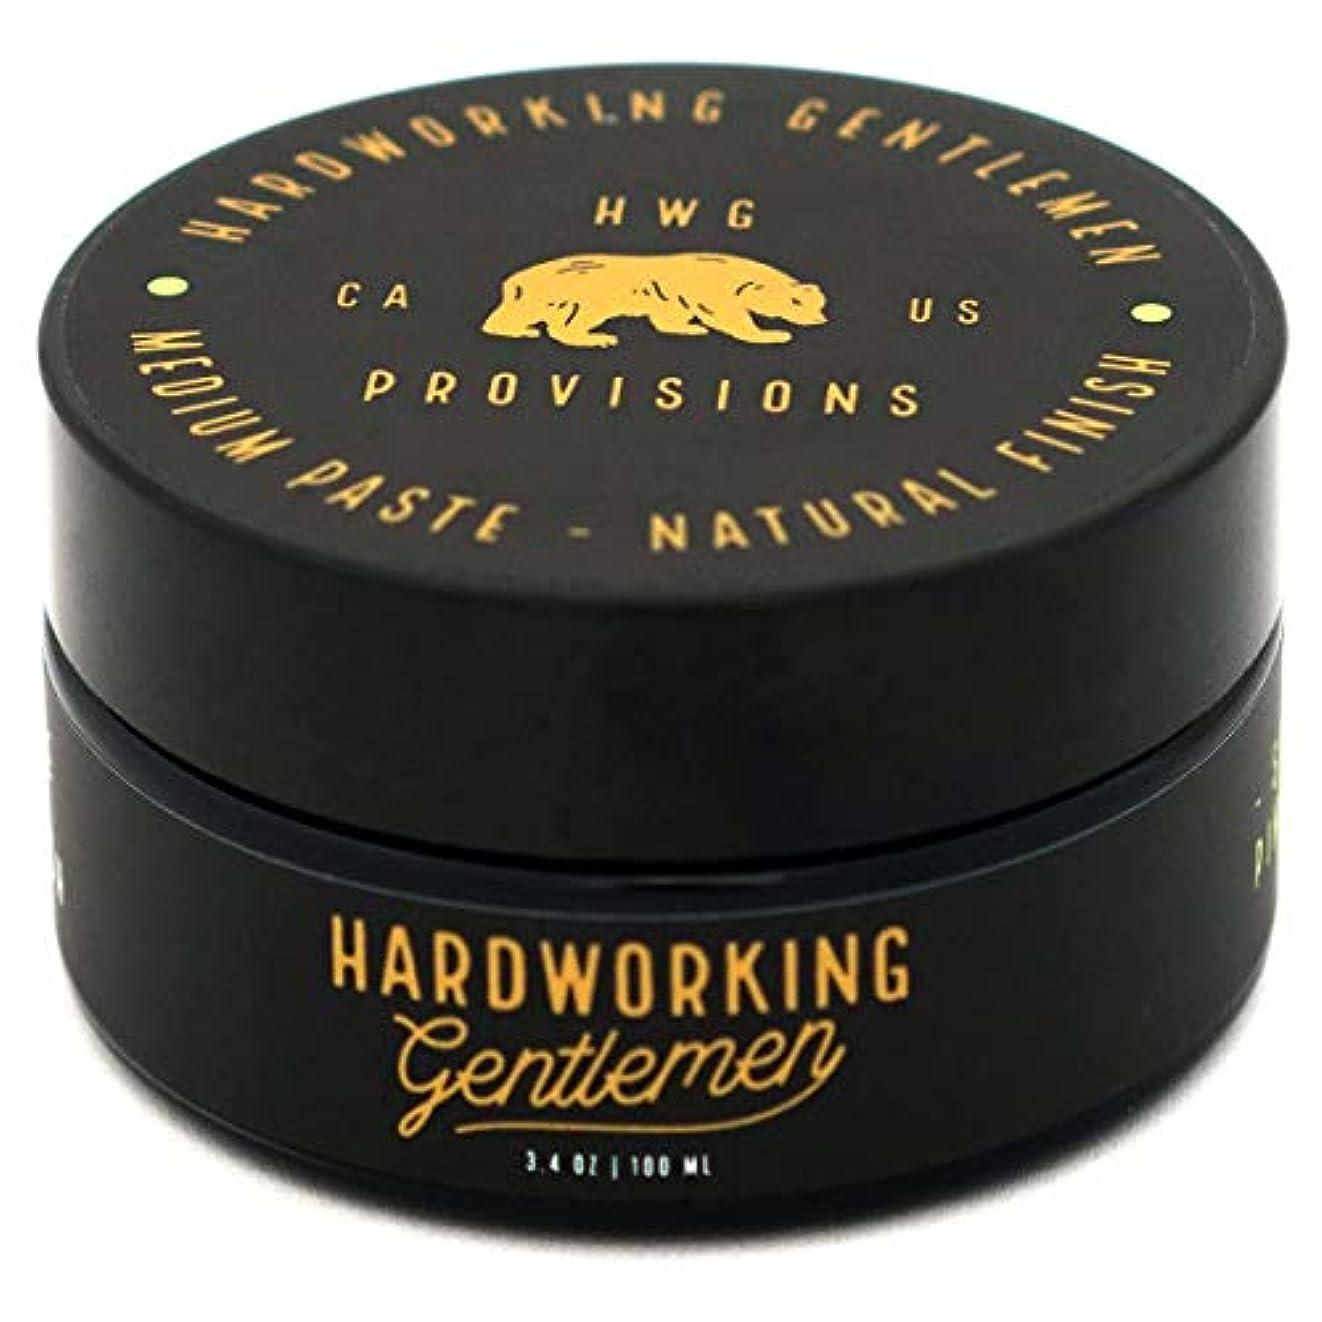 熱心なバルブ有罪Hardworking Gentlemen (ハードワーキング ジェントルメン) Medium Paste ヘアワックス 100ml 天然成分 オーガニック